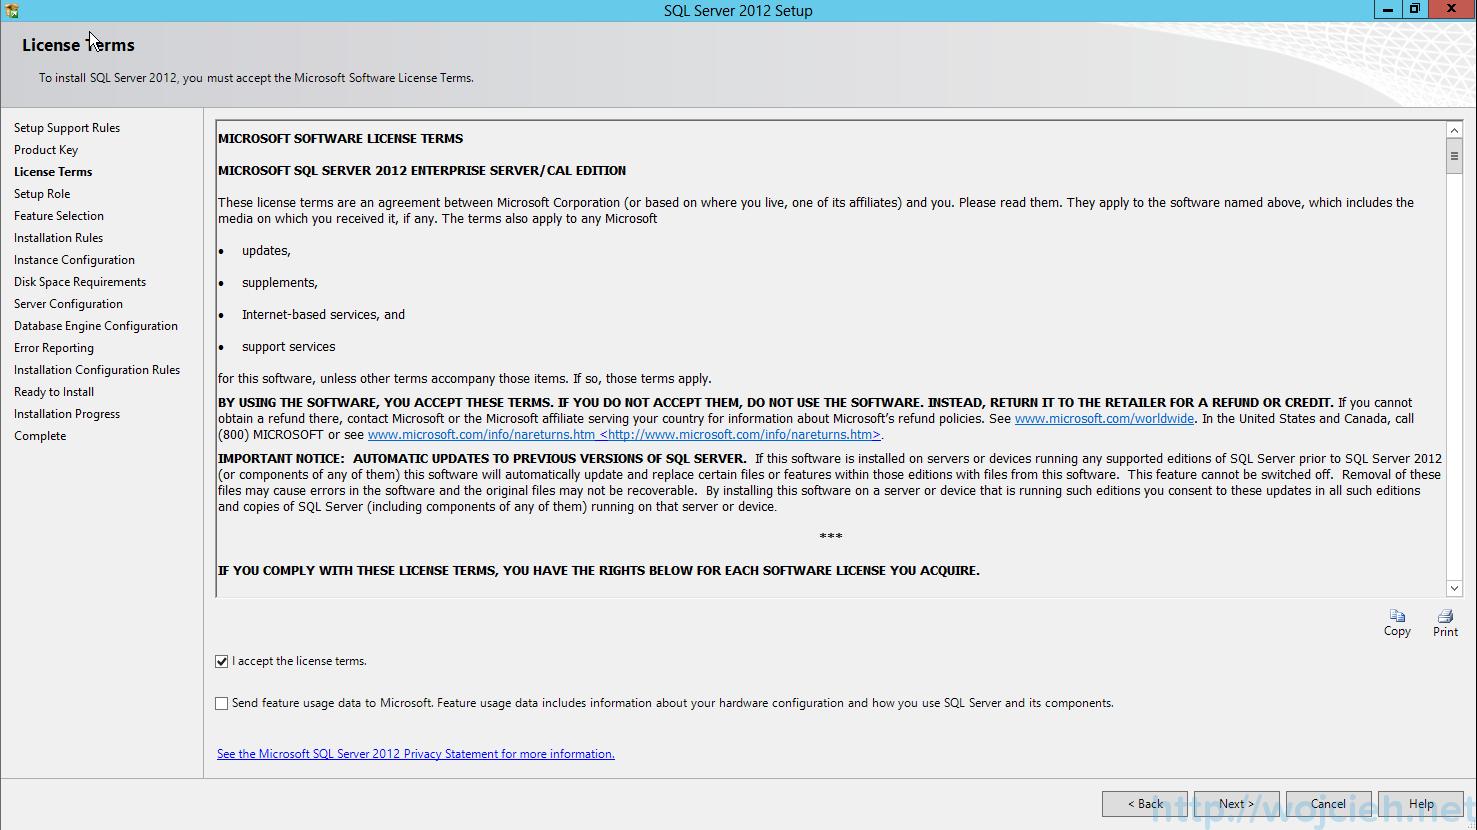 SQL Server 2012 SP1 - License Agreement